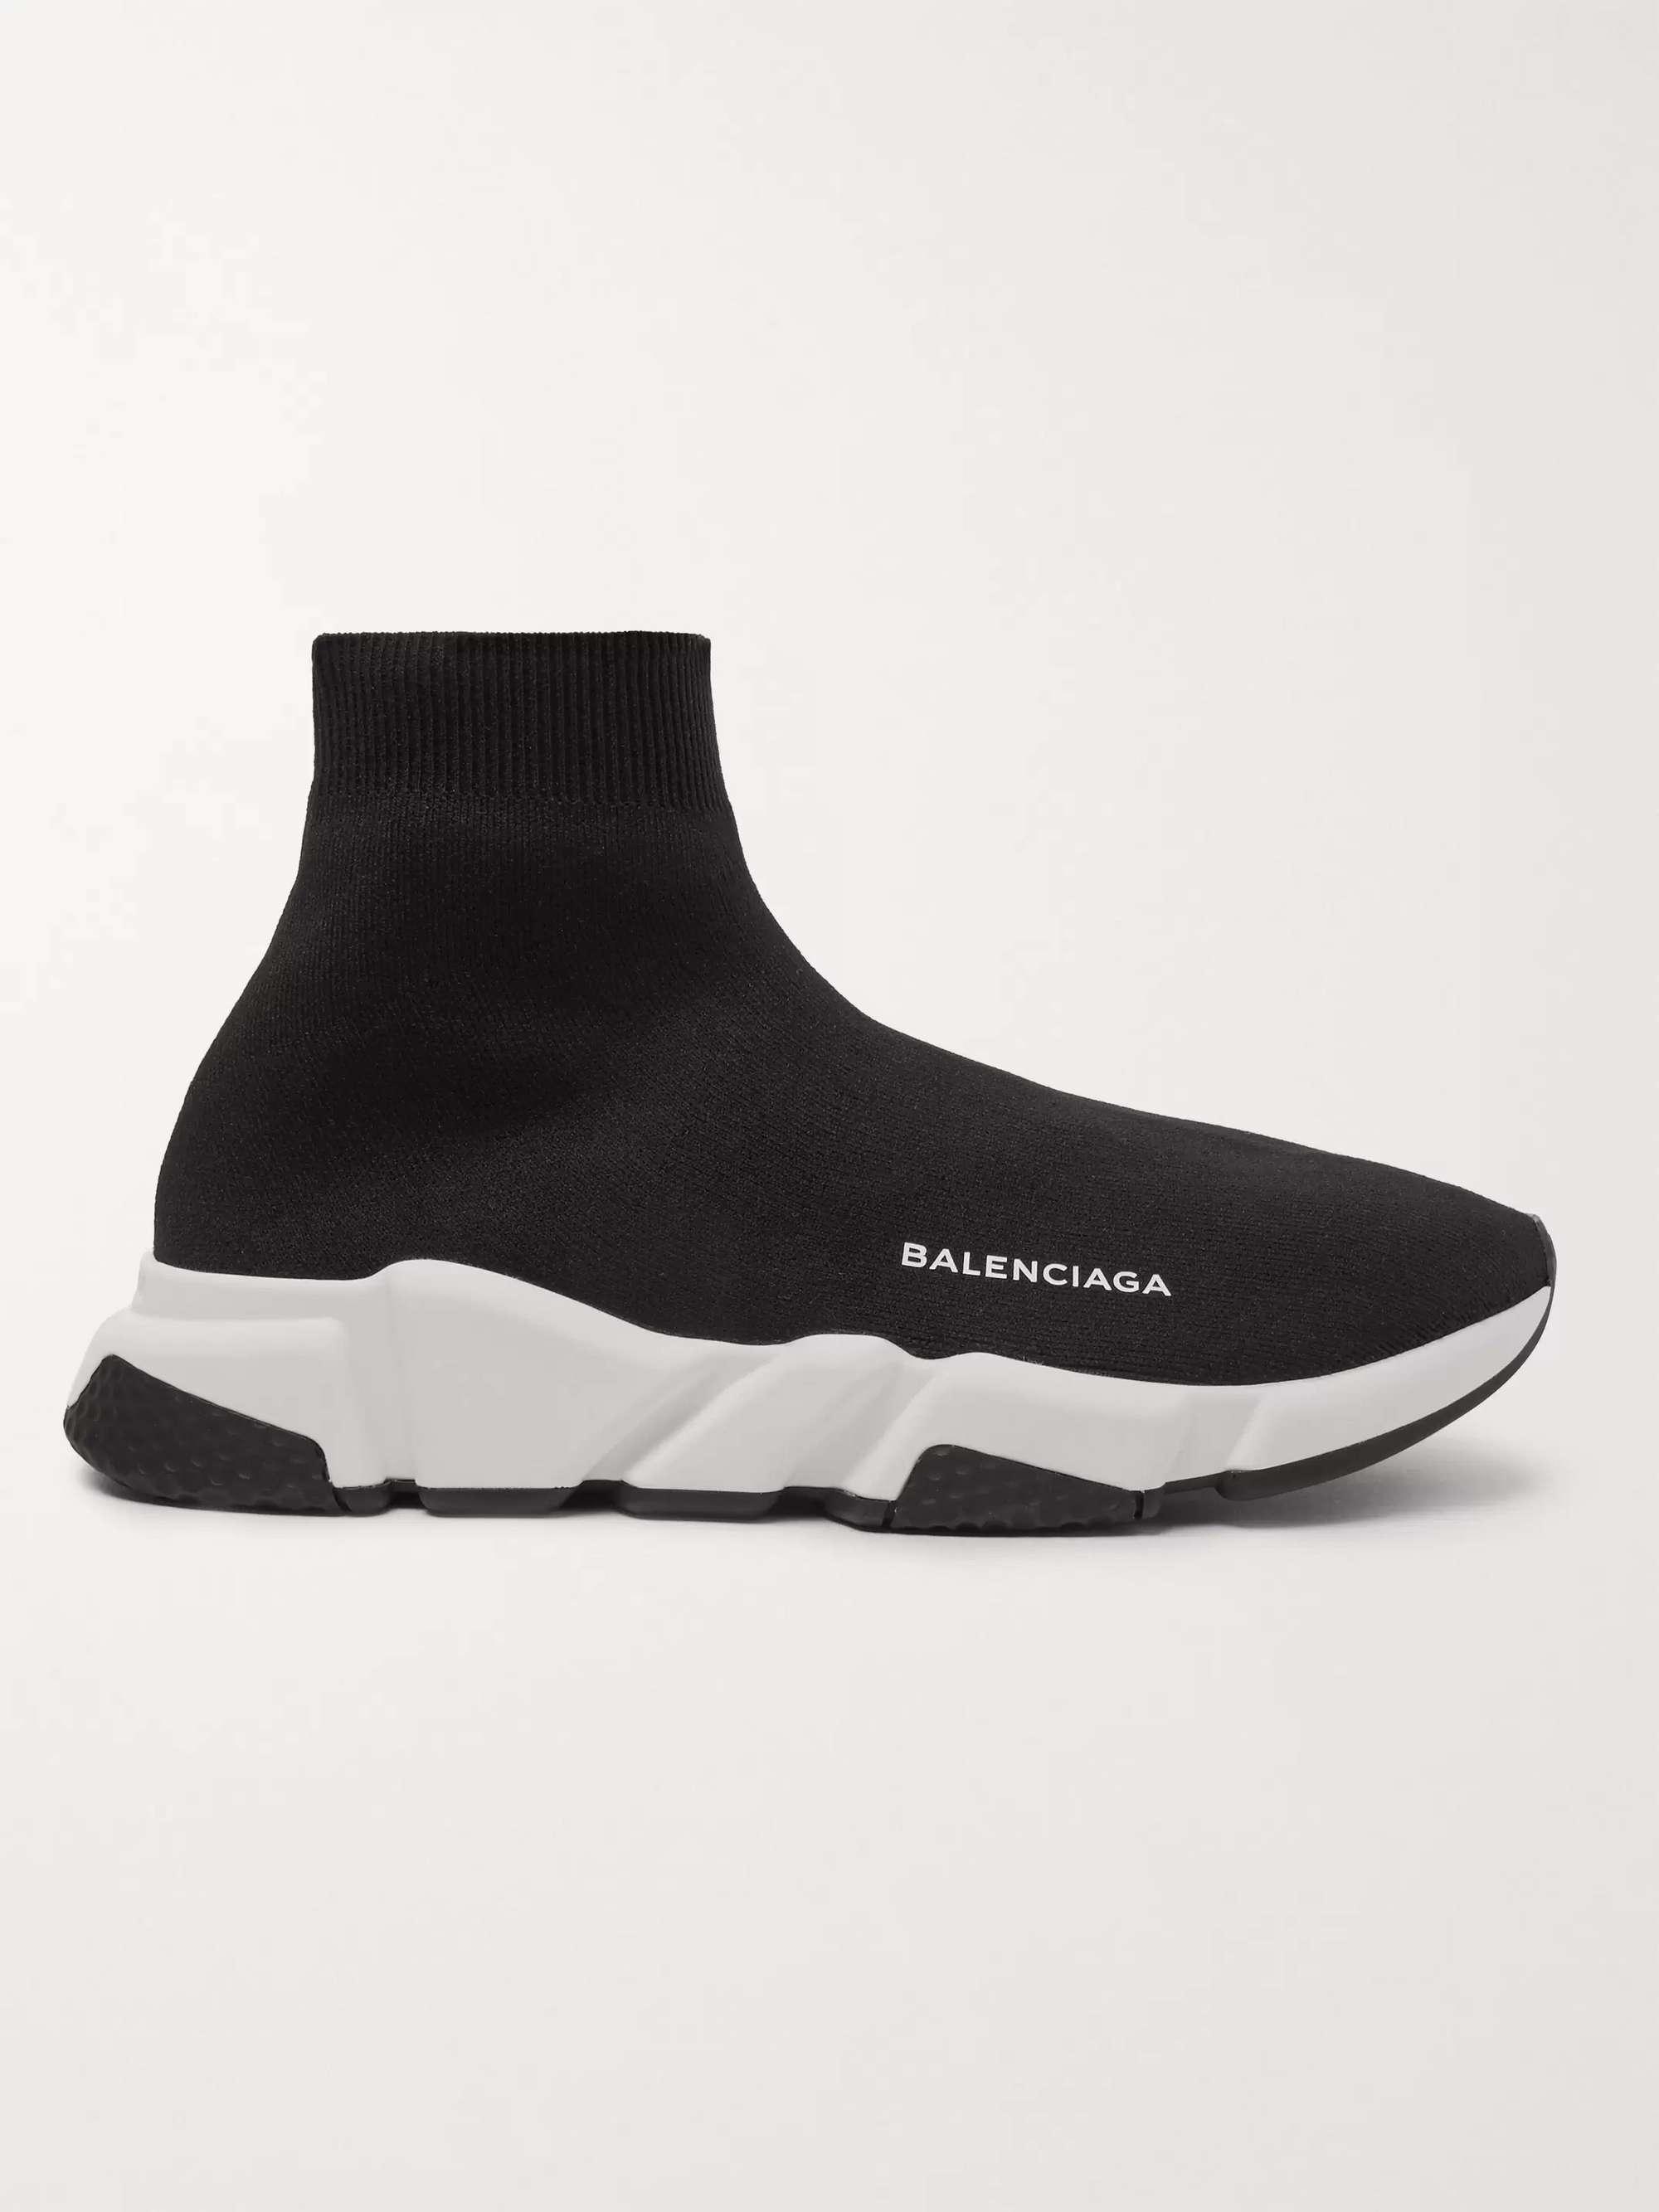 발렌시아가 스피드러너 남성용 - 블랙 Balenciaga Speed Sock Stretch-Knit Slip-On Sneakers,Black